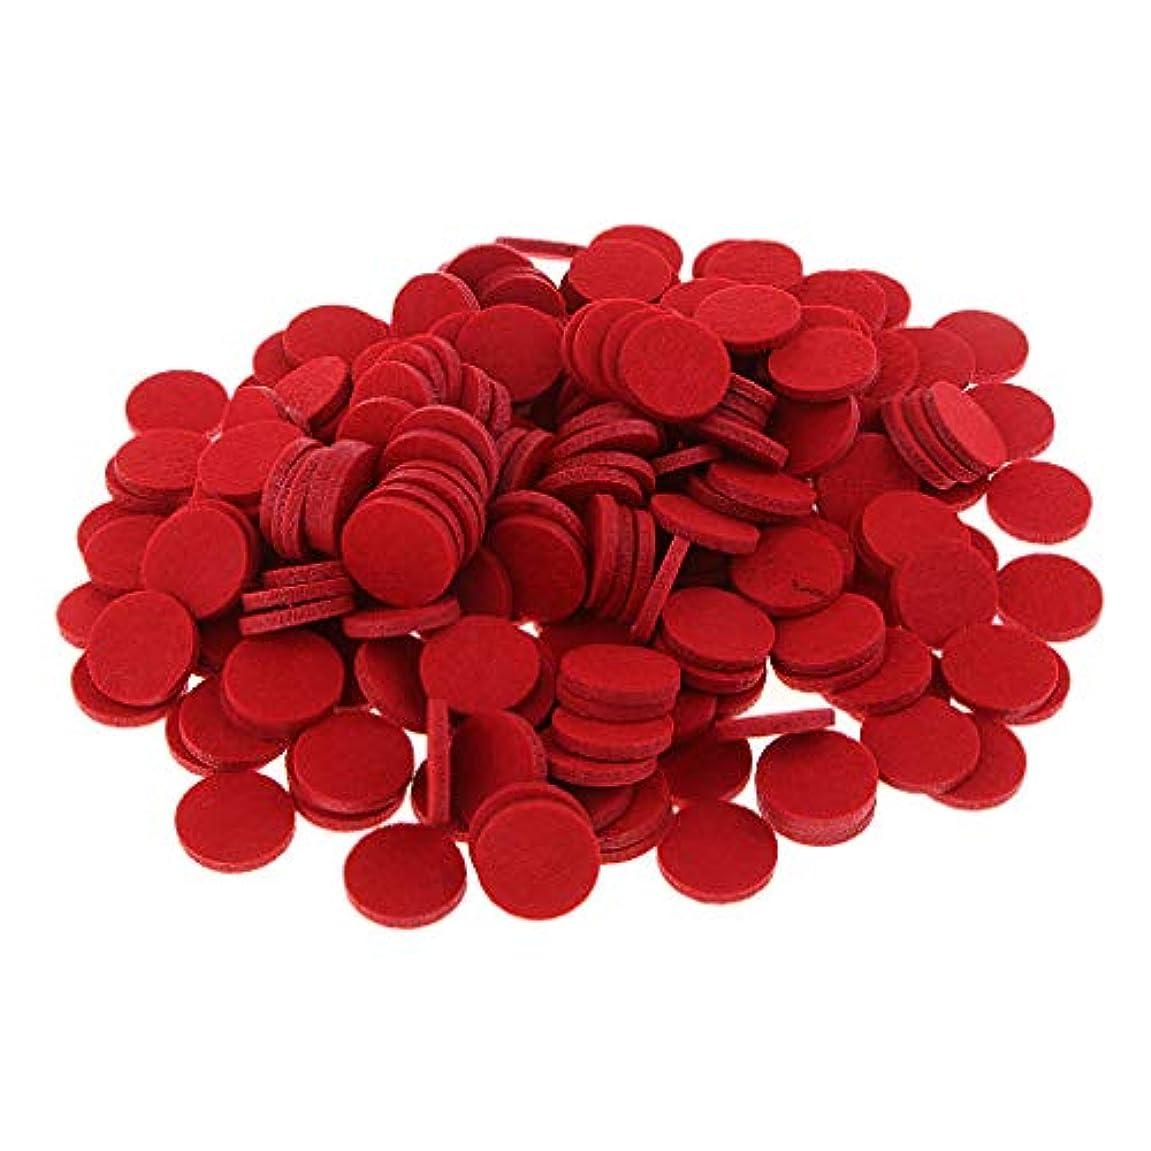 スカート前投薬退屈させるFenteer 約200個入り 詰め替えパッド 精油付き アロマディフューザー 交換用 オイルパッド 全11色 - 赤